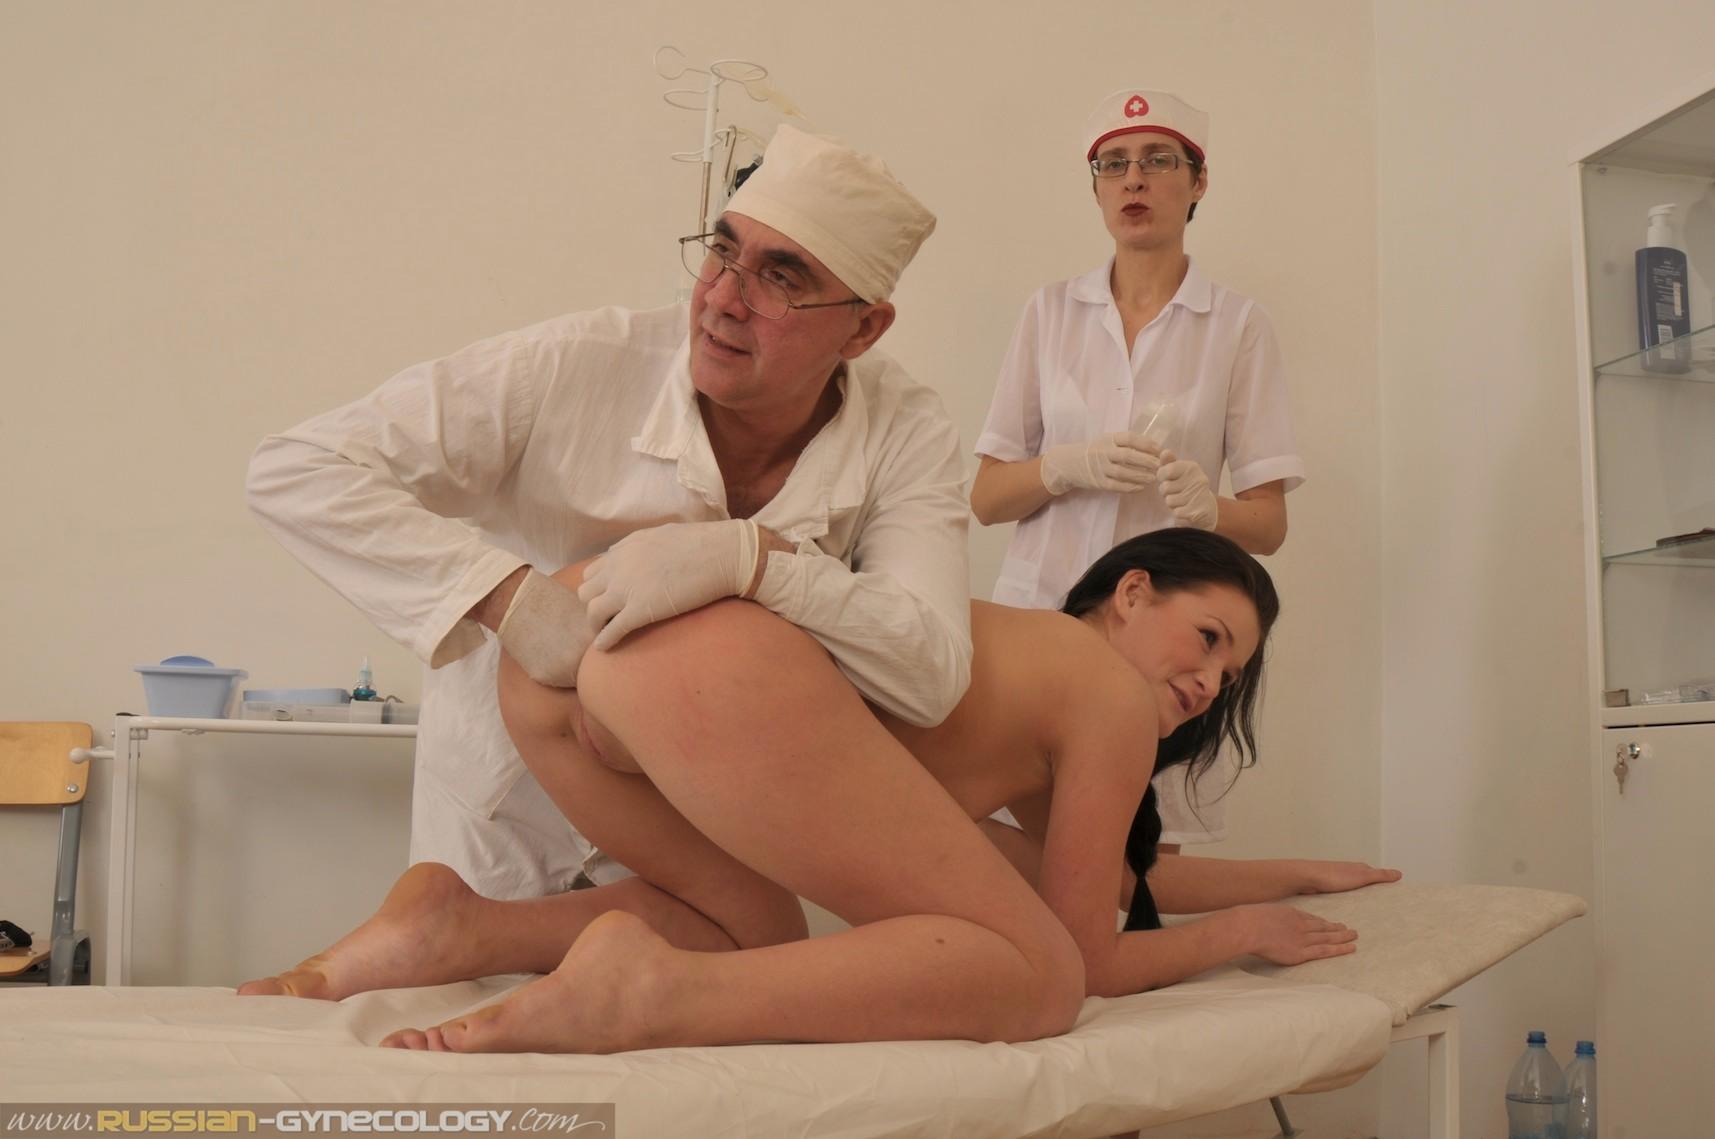 Смотреть бесплатно секс и гинекологии 10 фотография